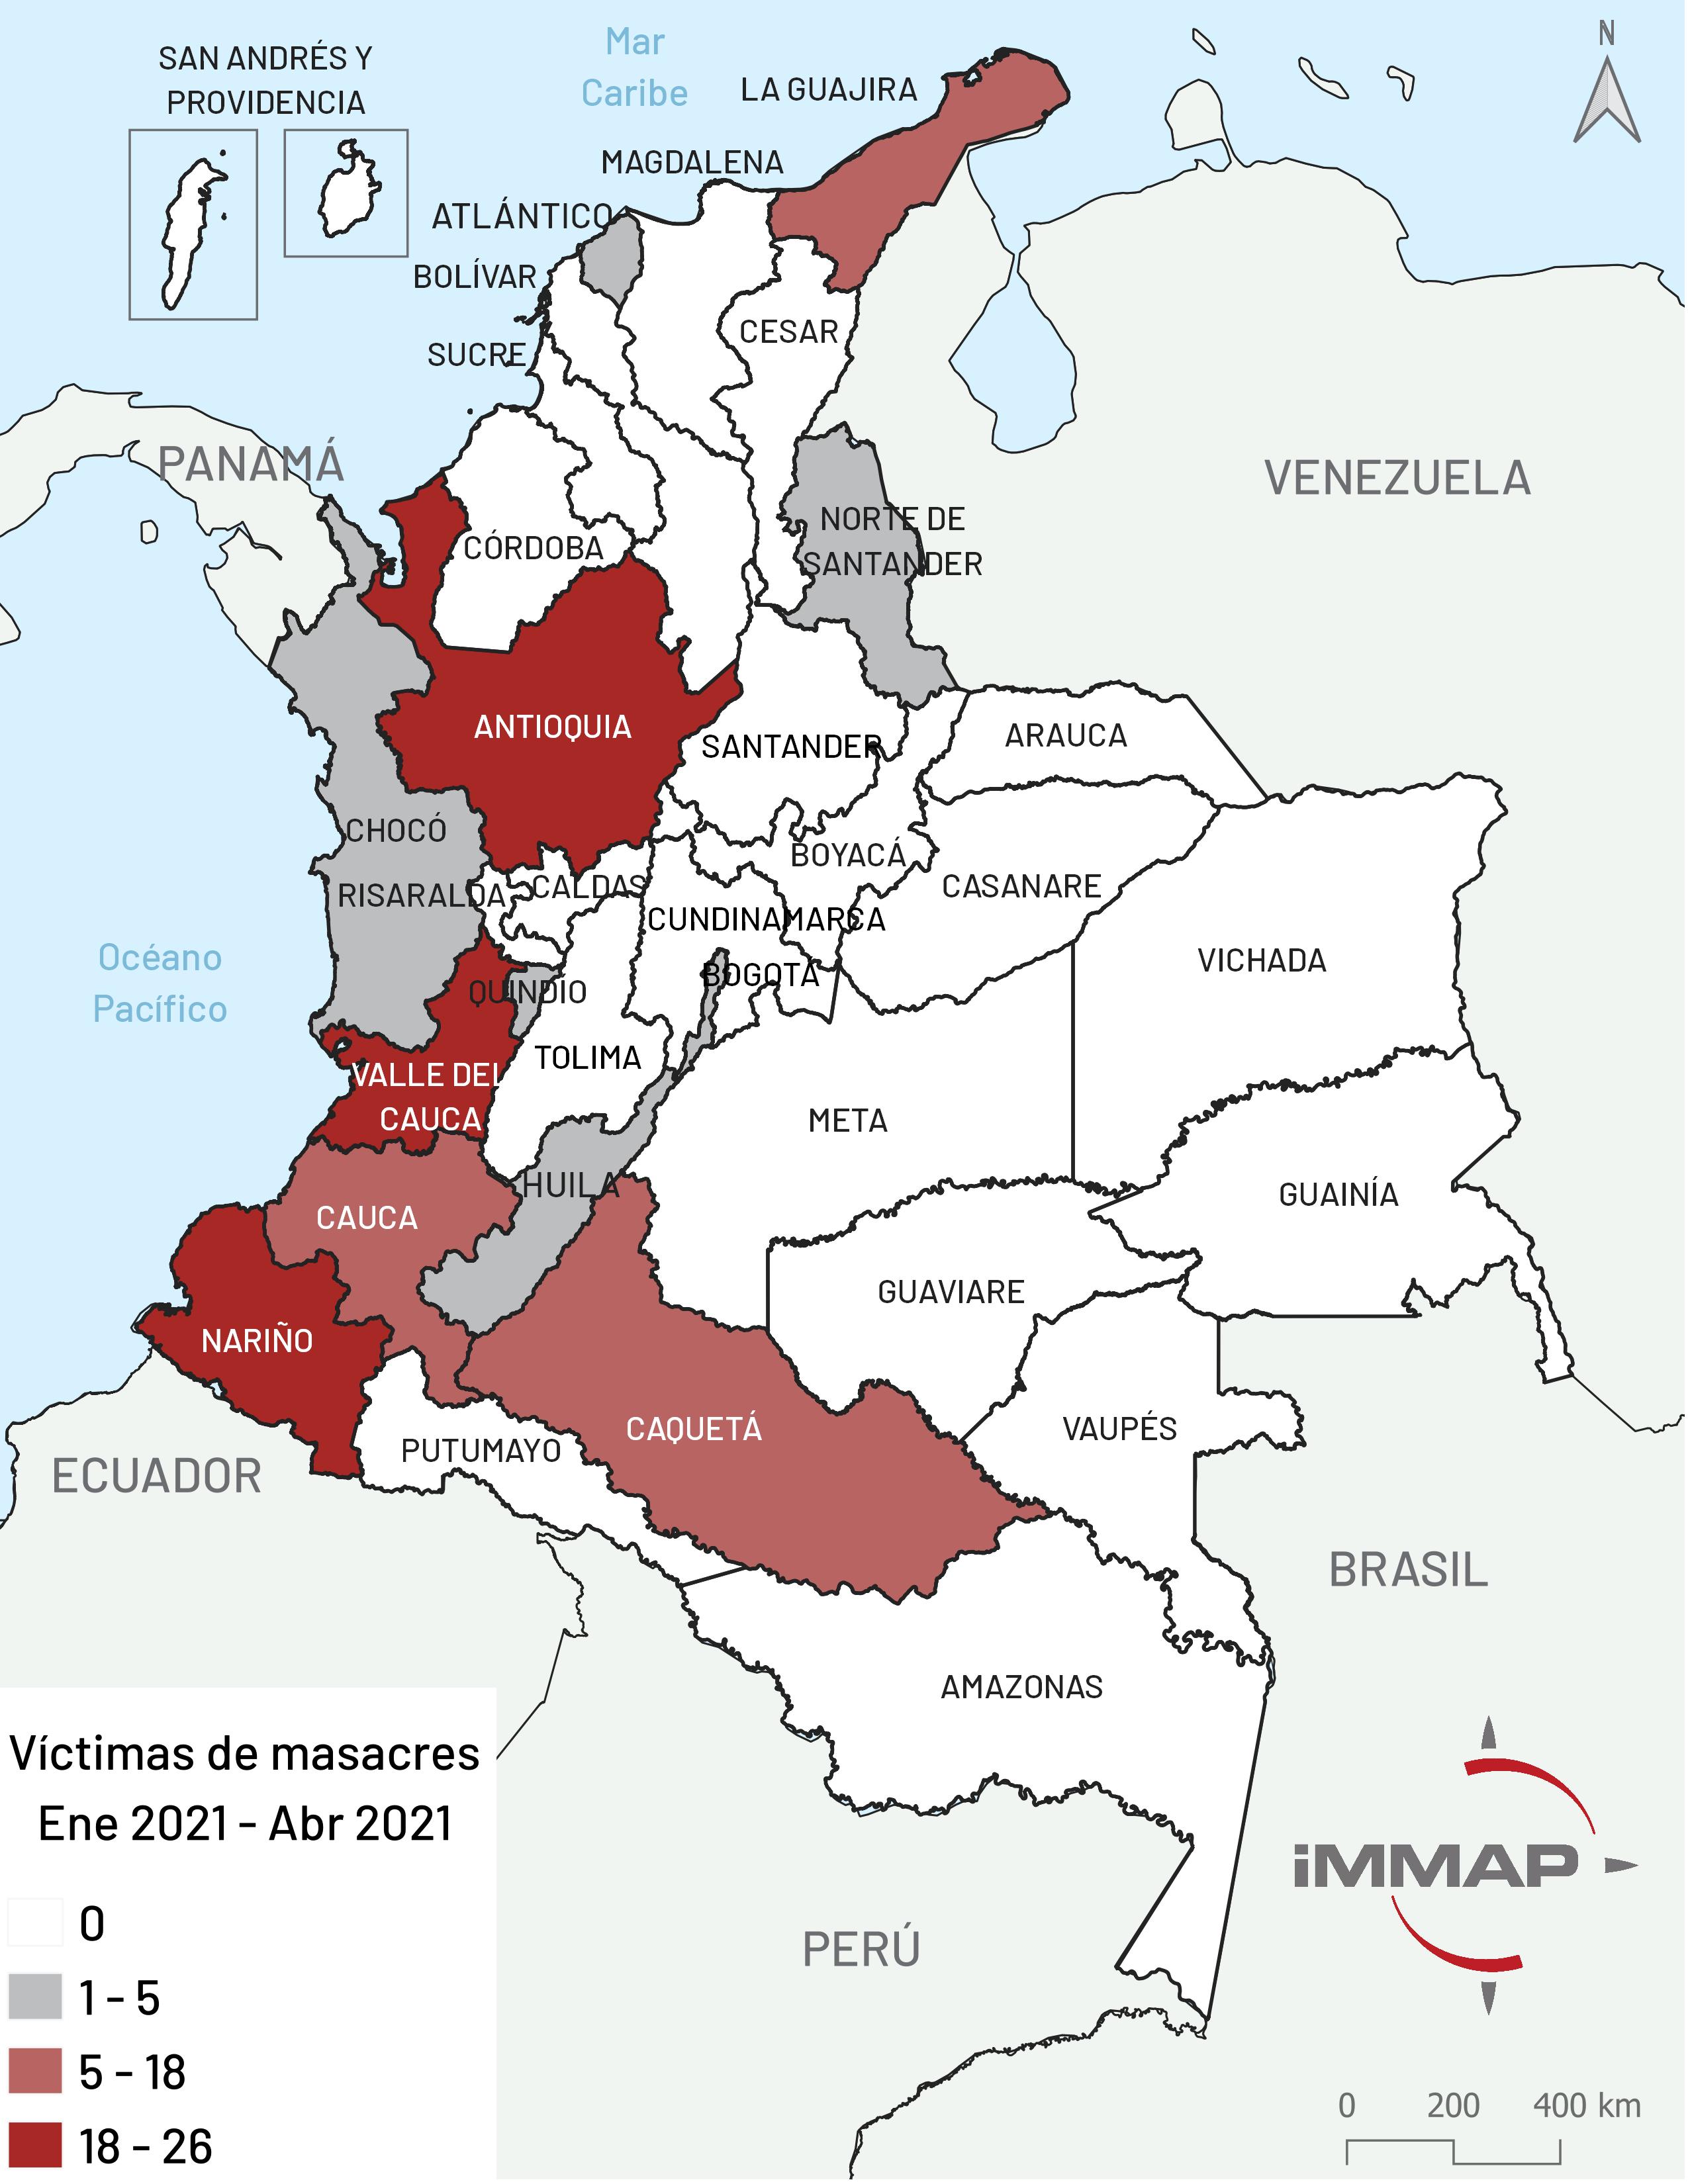 Víctimas de masacres